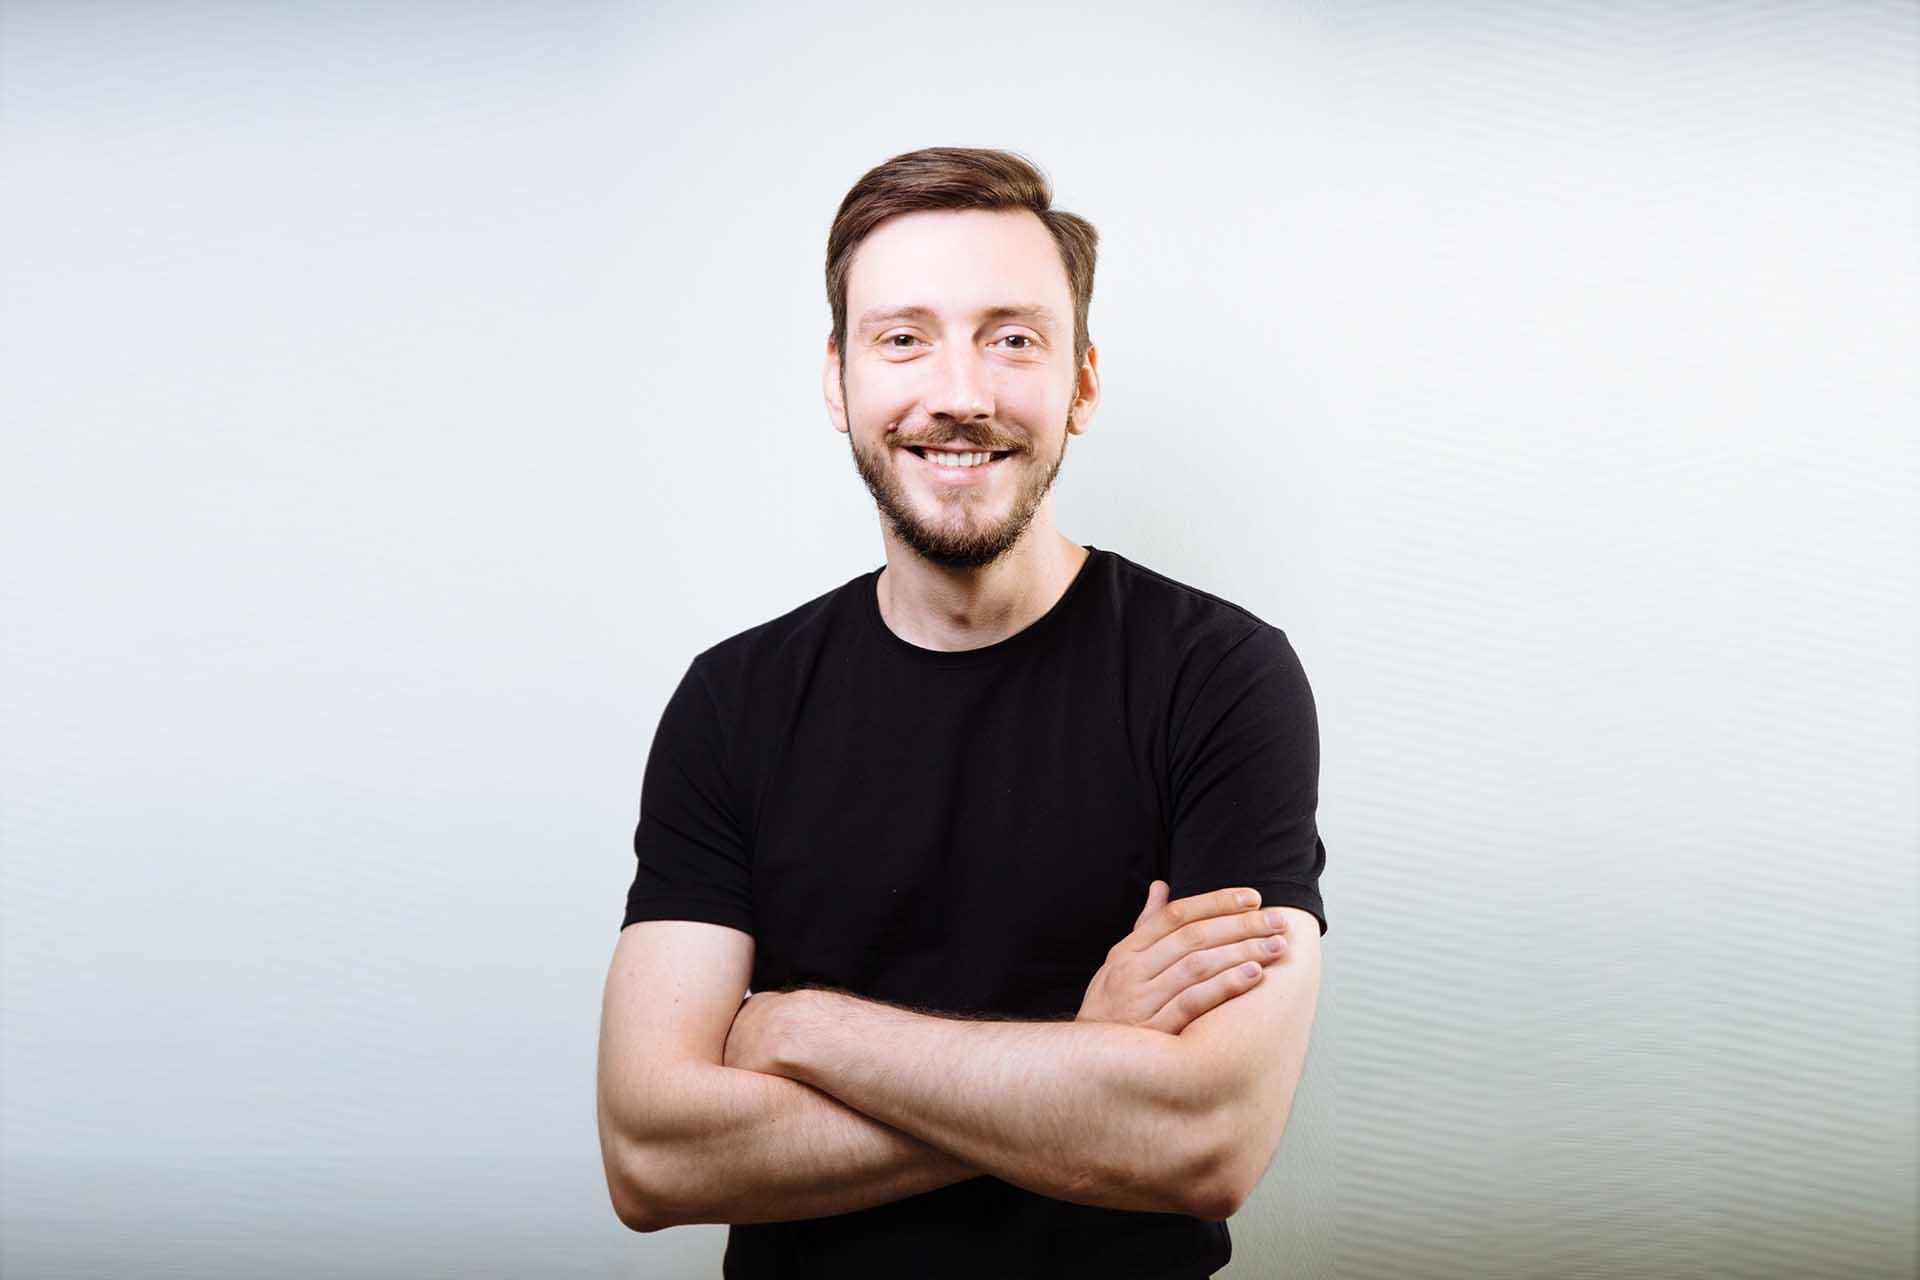 Сергей Митрофанов. Как организовать и управлять SMM-отделом